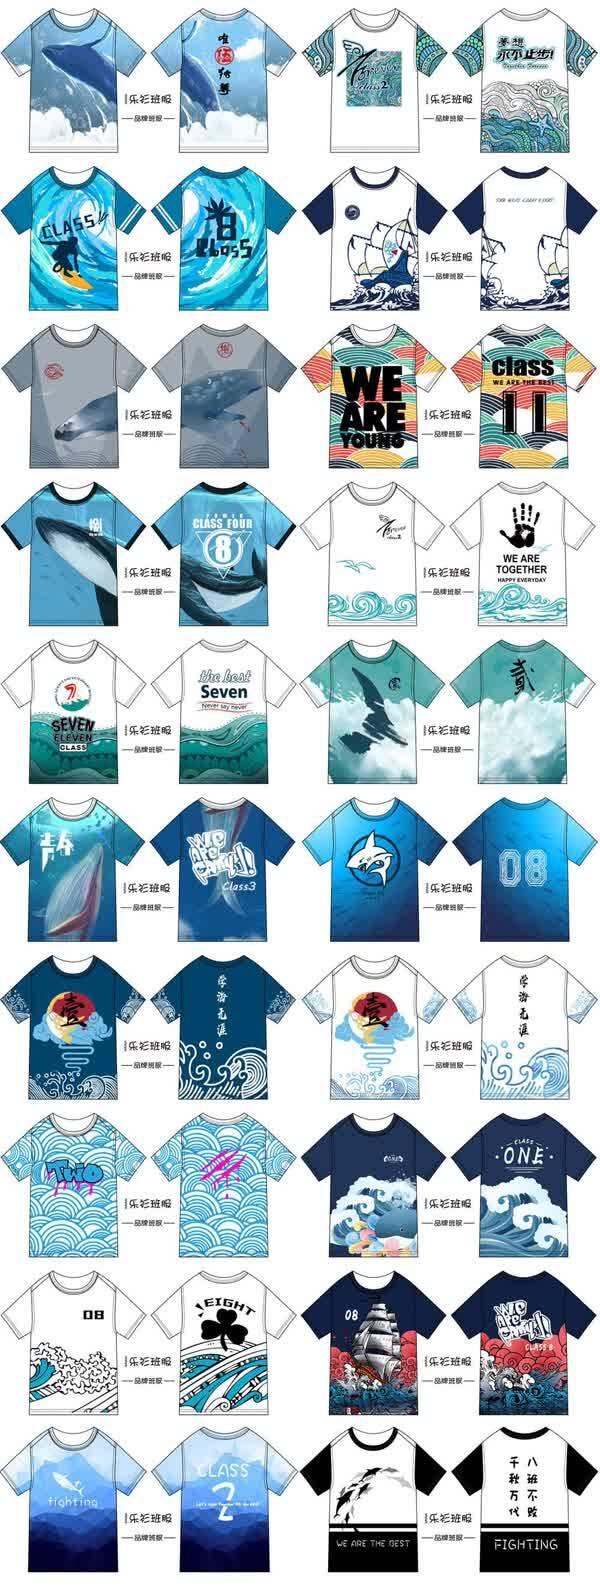 高中班服设计,班服定制,好看的班服图案